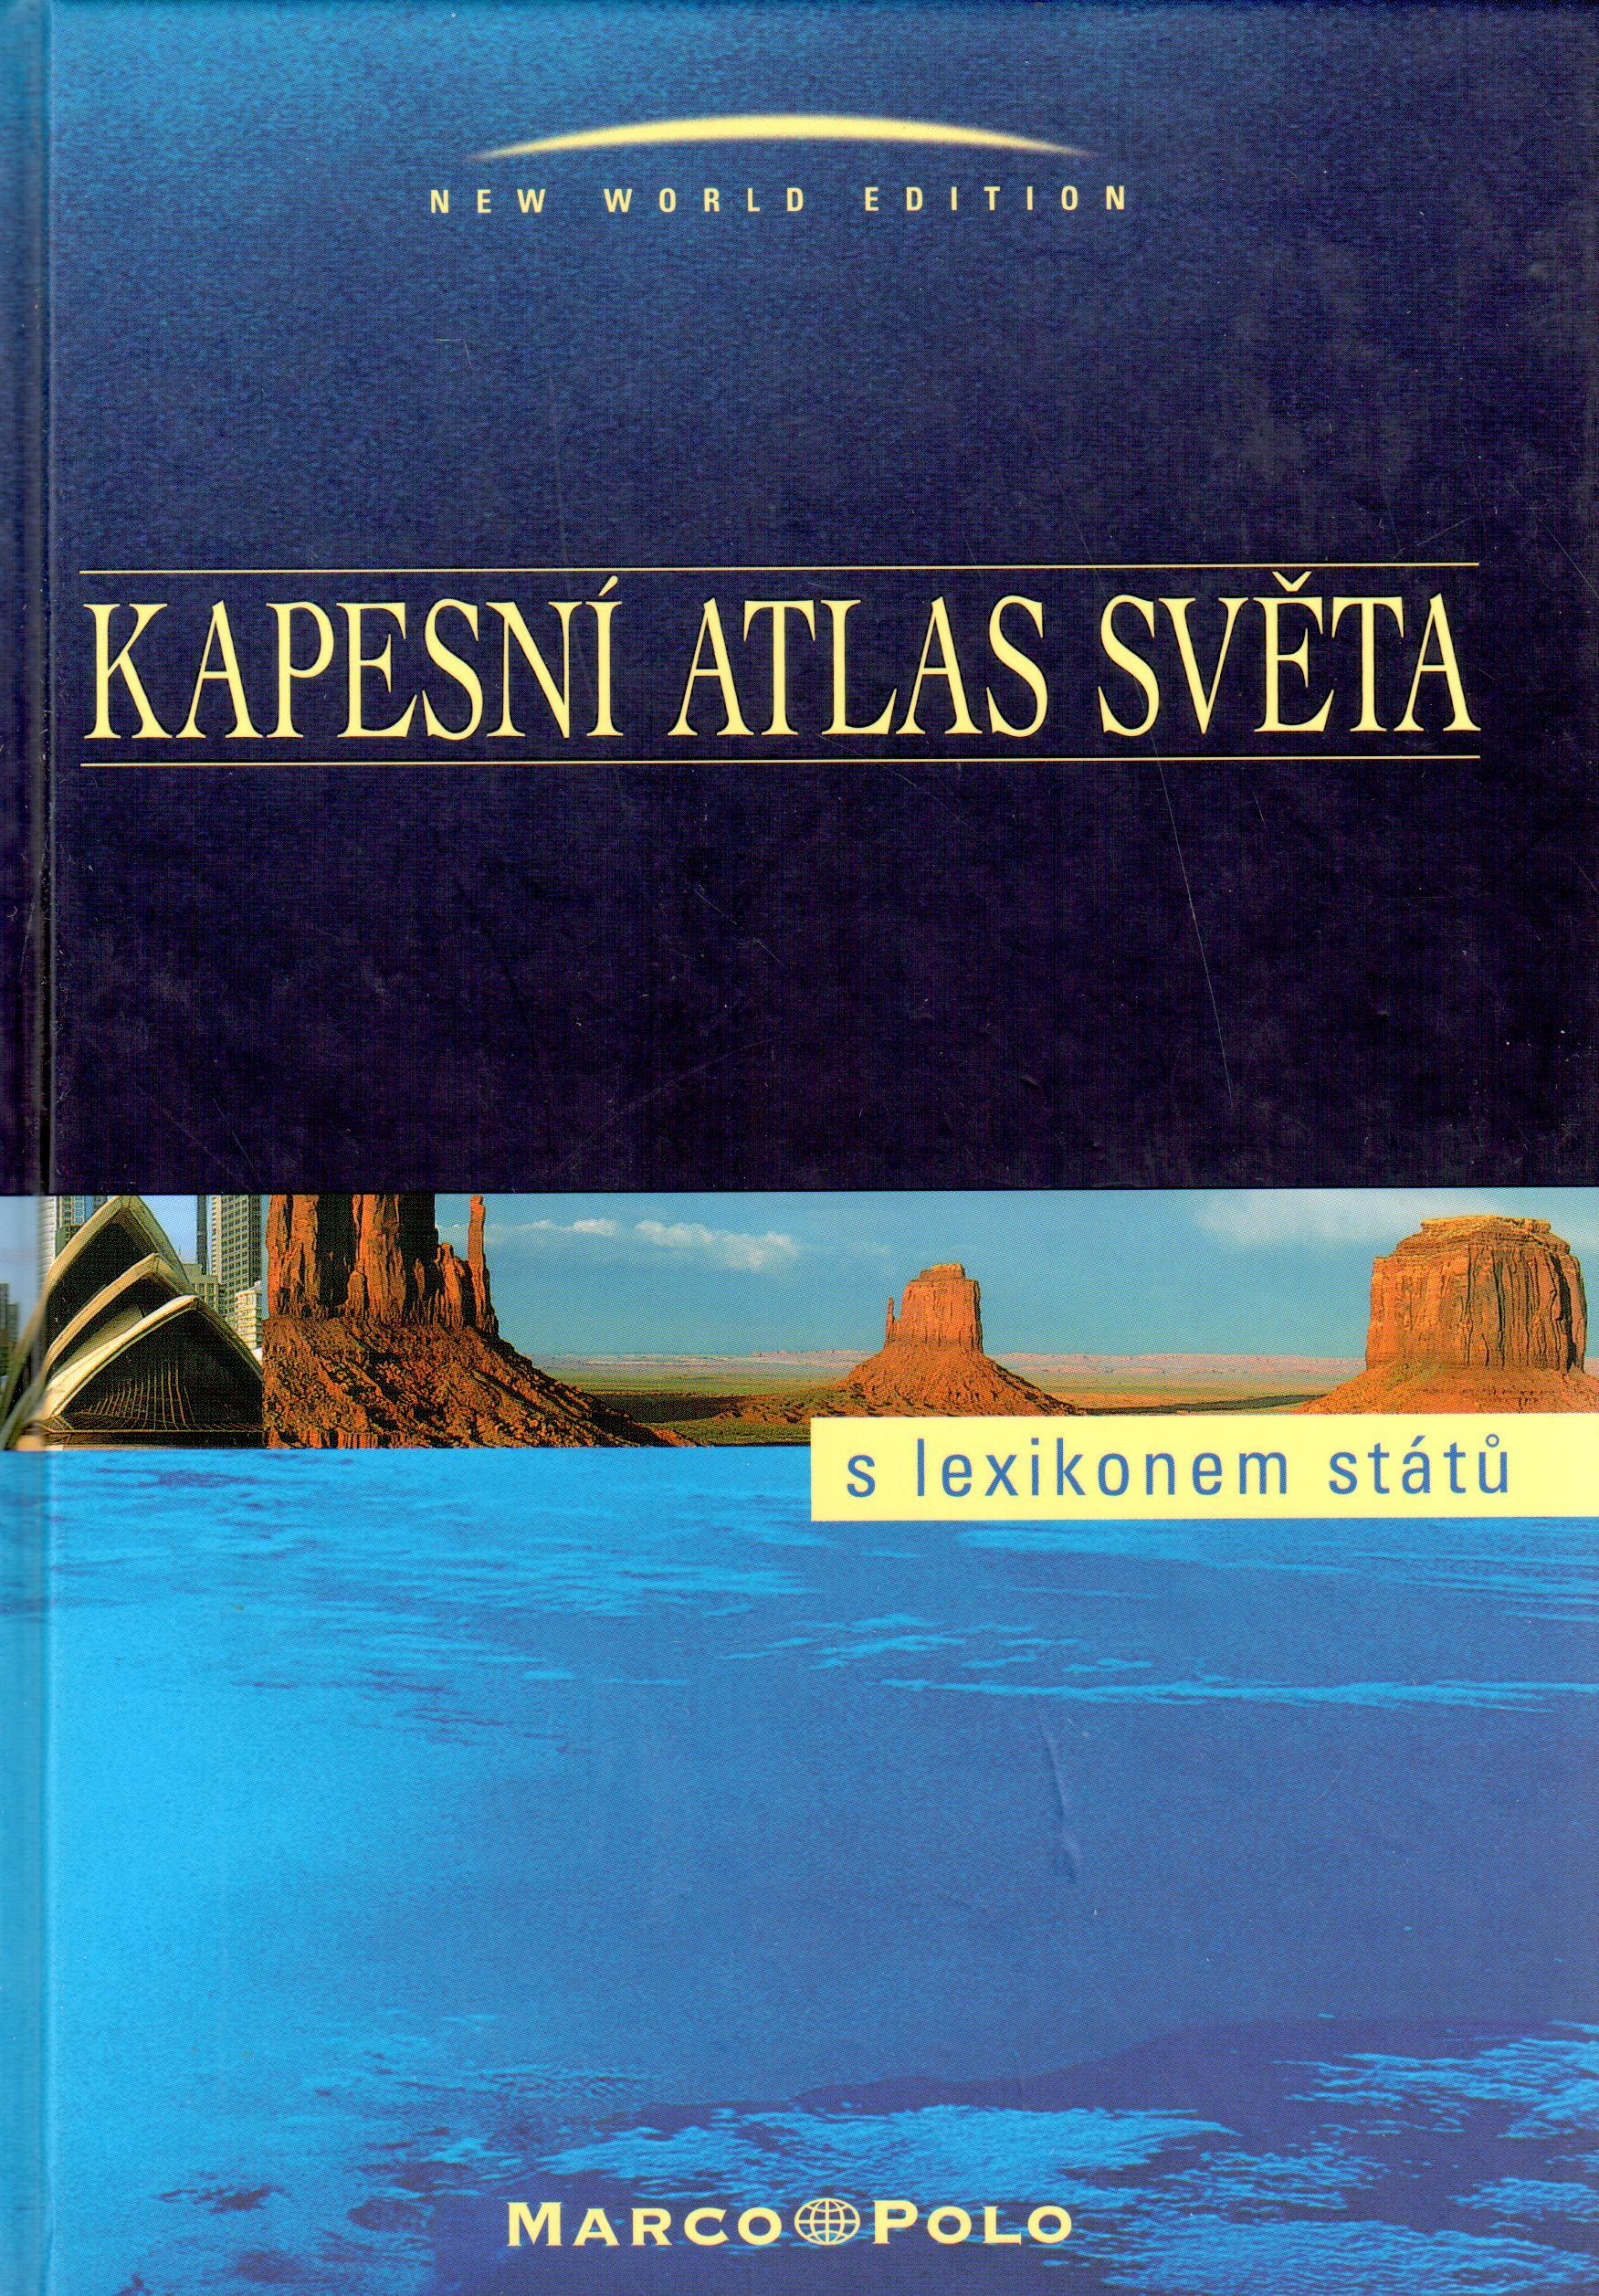 Kapesní atlas světa, s lexikonem států - Náhled učebnice